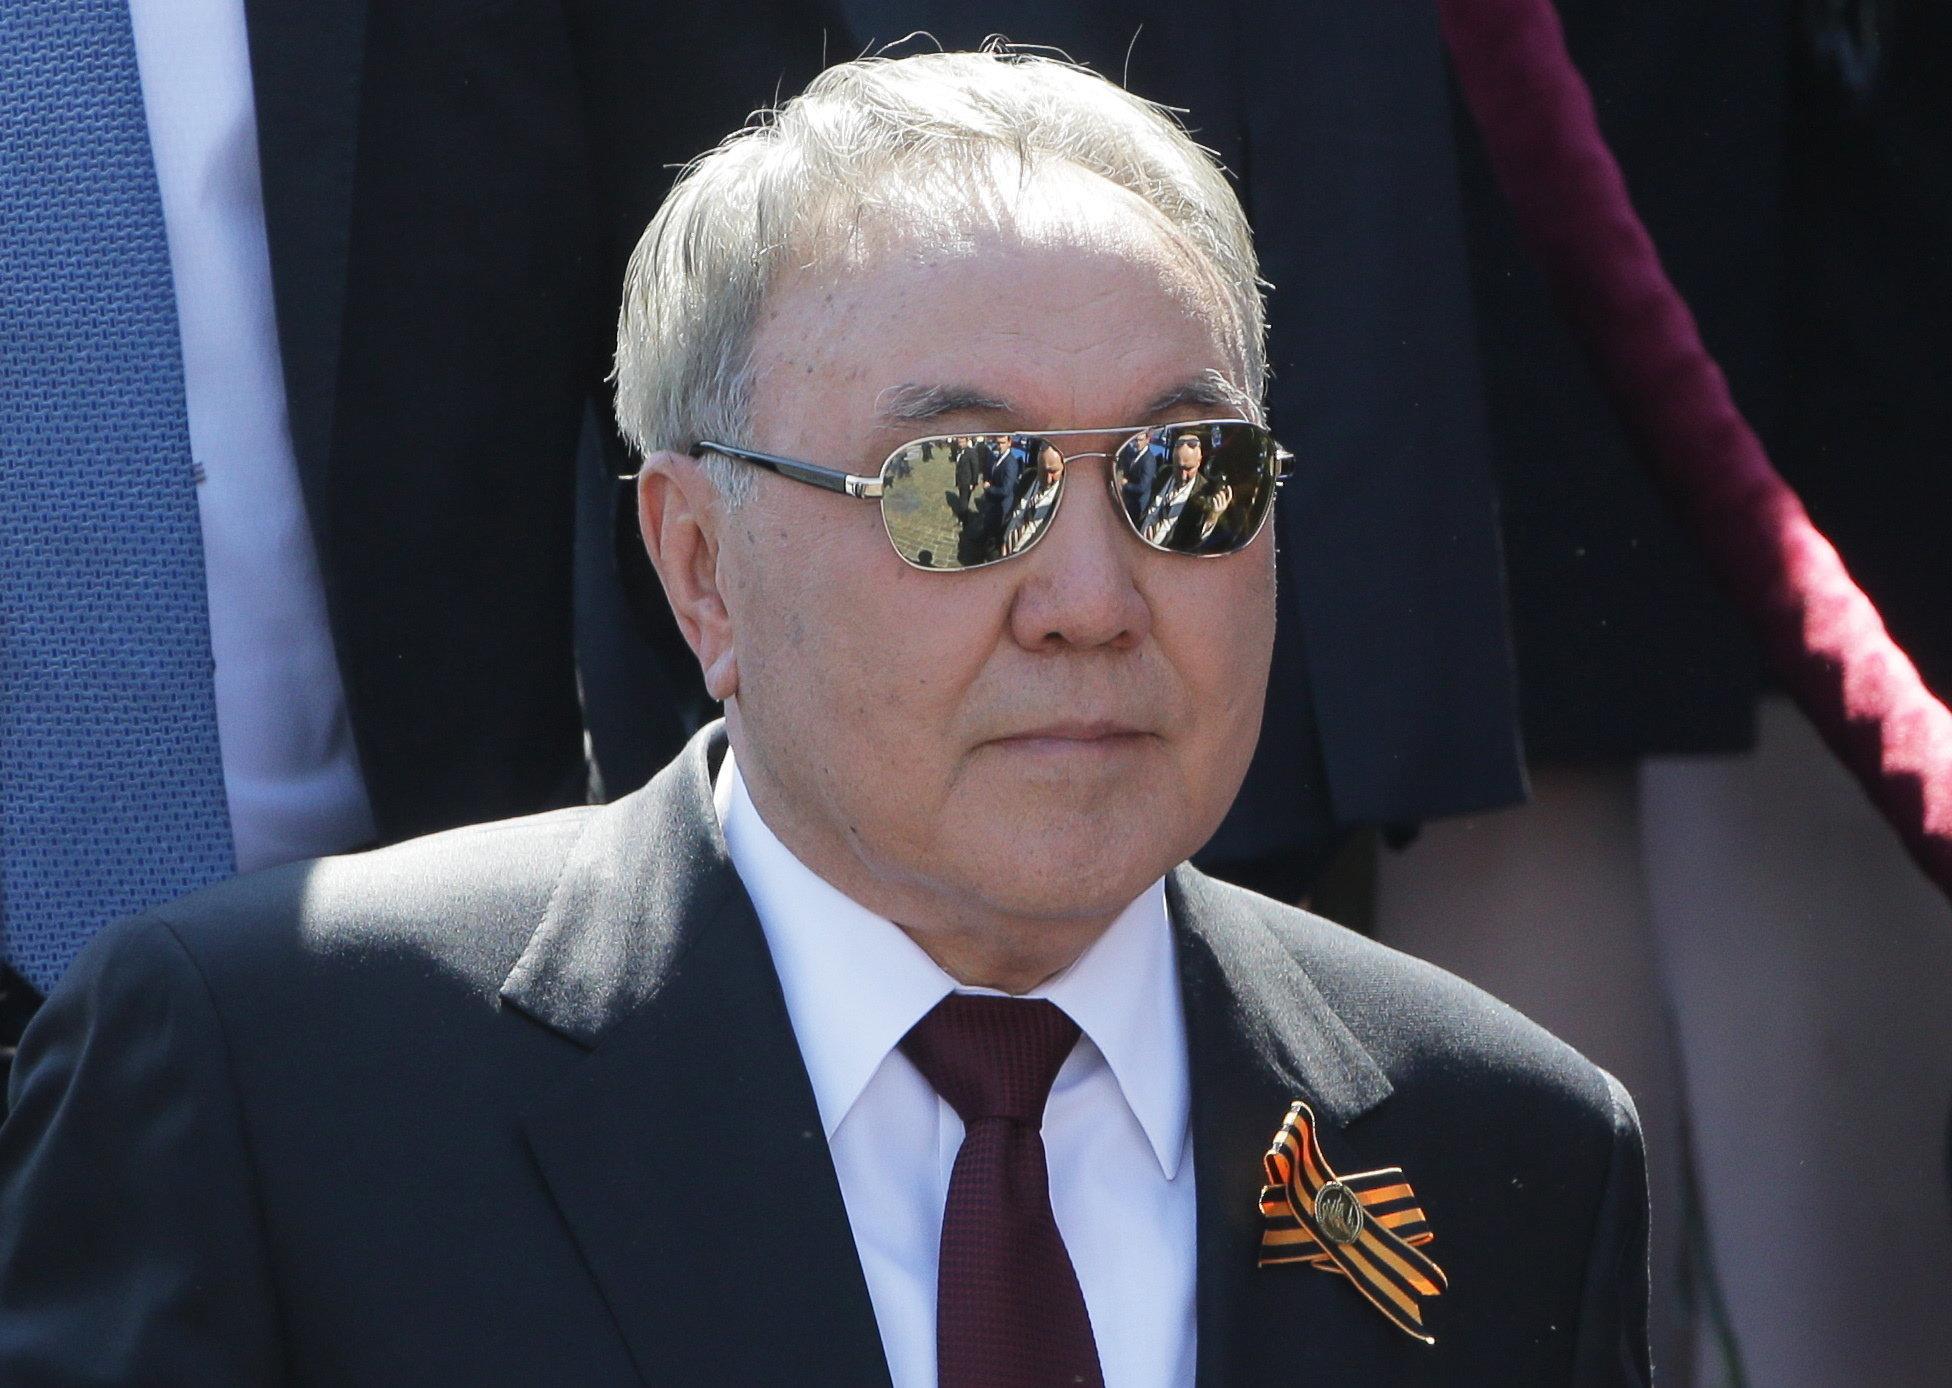 Καζακστάν: Ο Ναζαρμπάγεφ φεύγει, αλλά μένει (αφού έστειλε 1 δισ. δολάρια στο